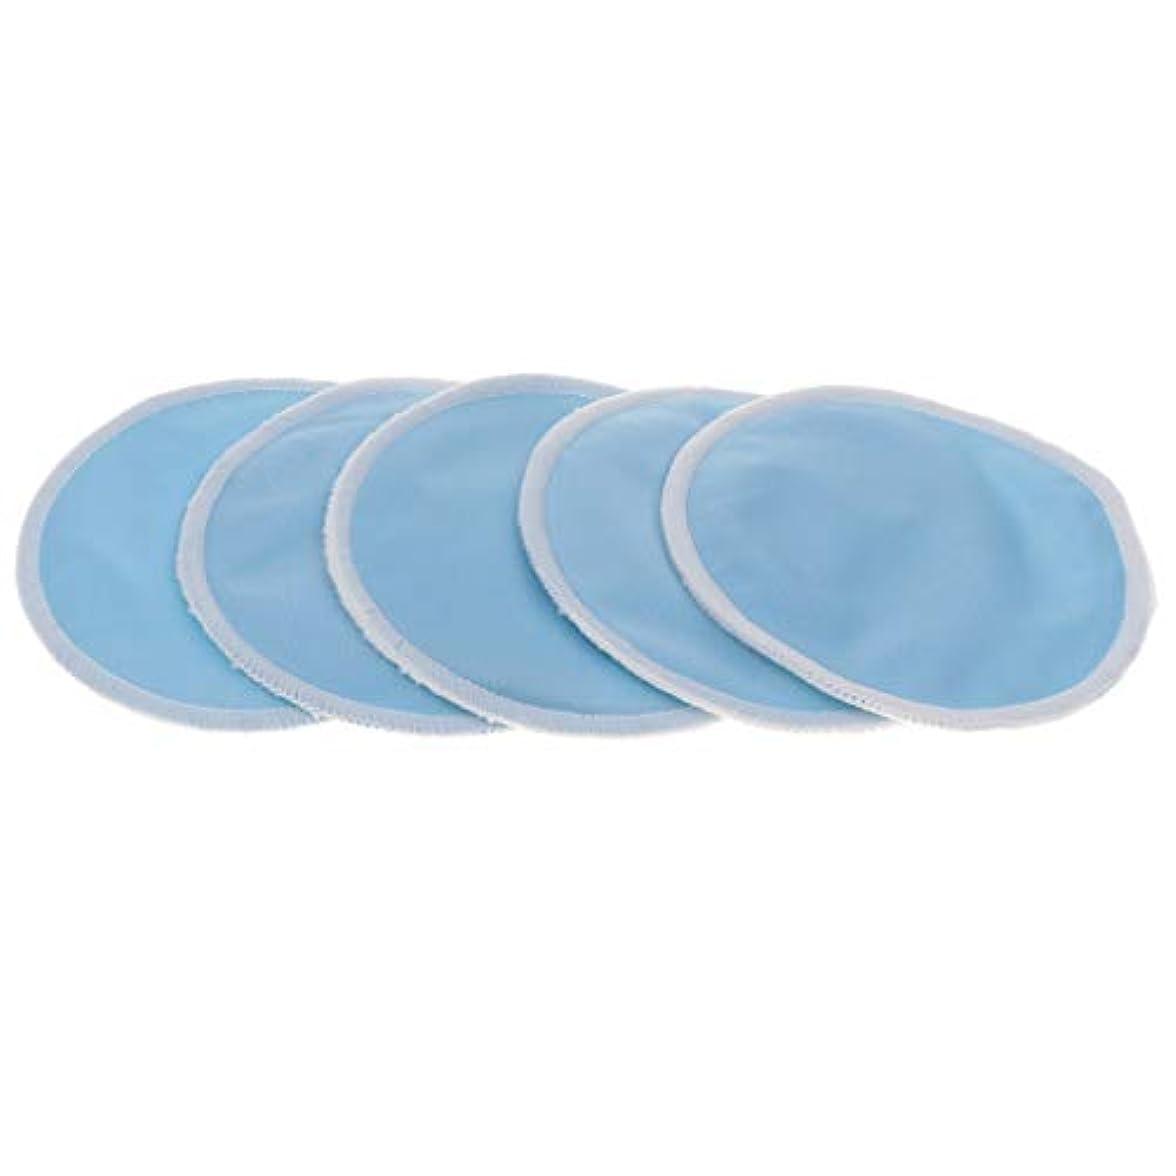 空中共同選択切手dailymall 5パック洗える再利用可能な化粧品クレンジングパッドフェイスケア洗浄胸パッド - 青